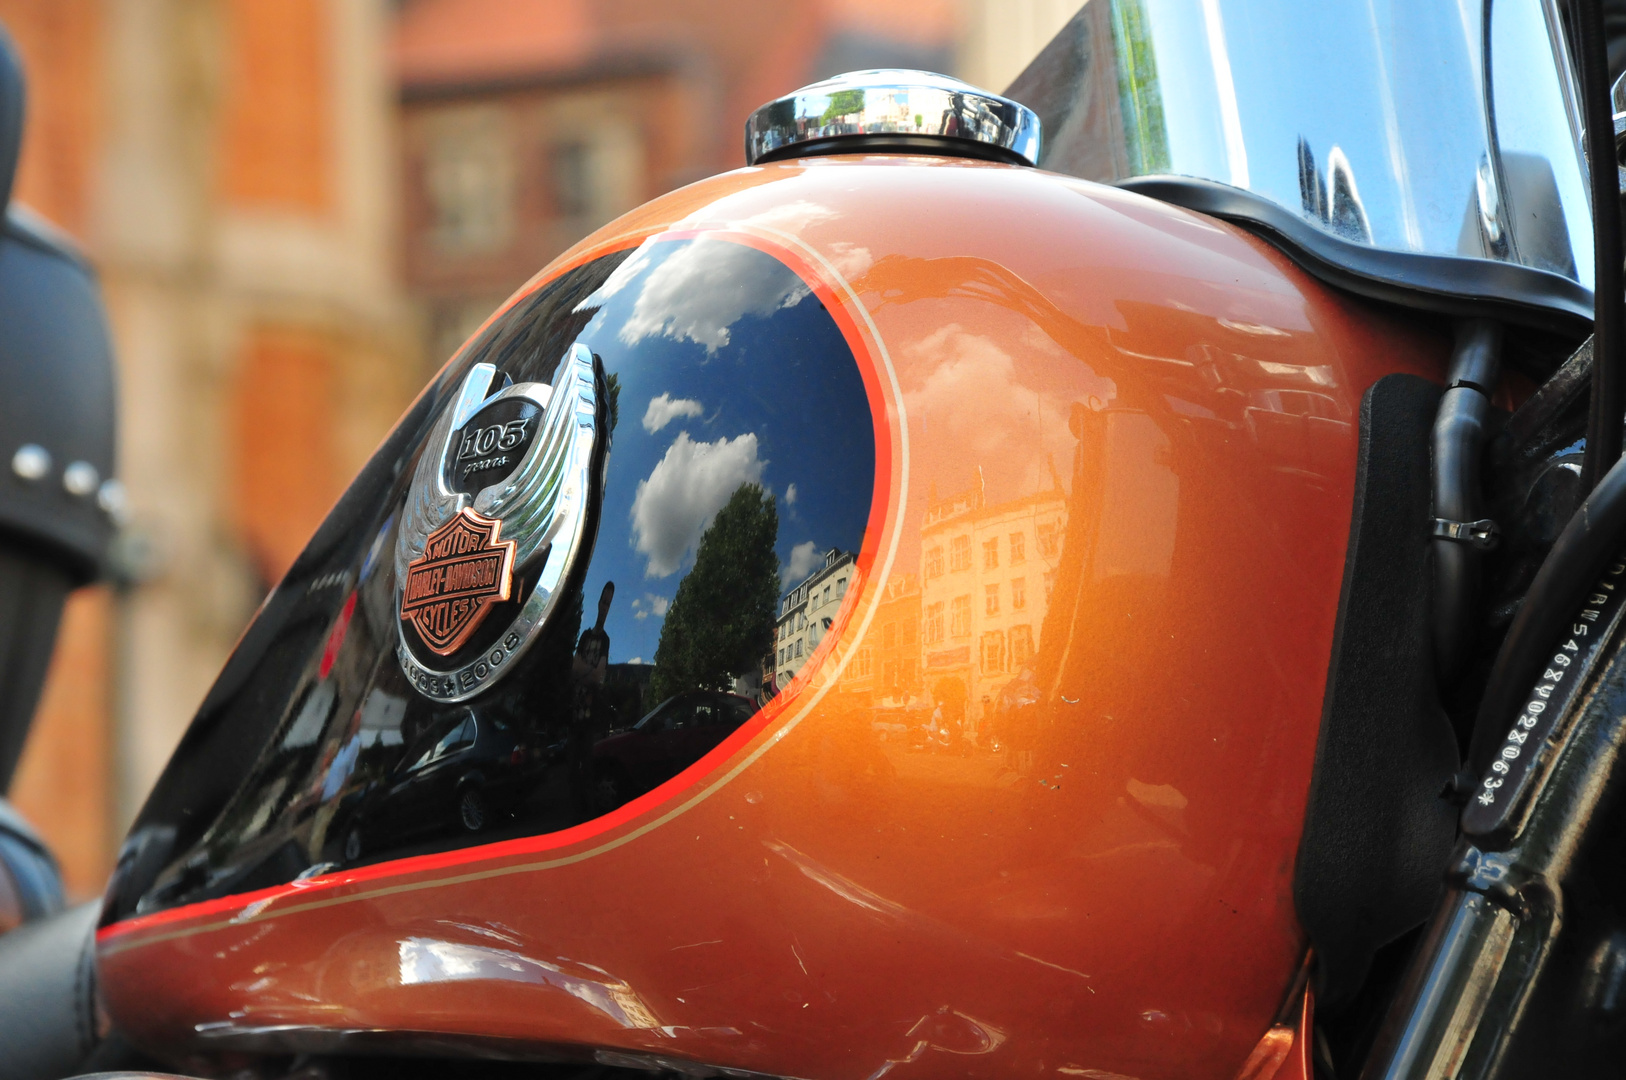 Harley Davidson in Brüssel